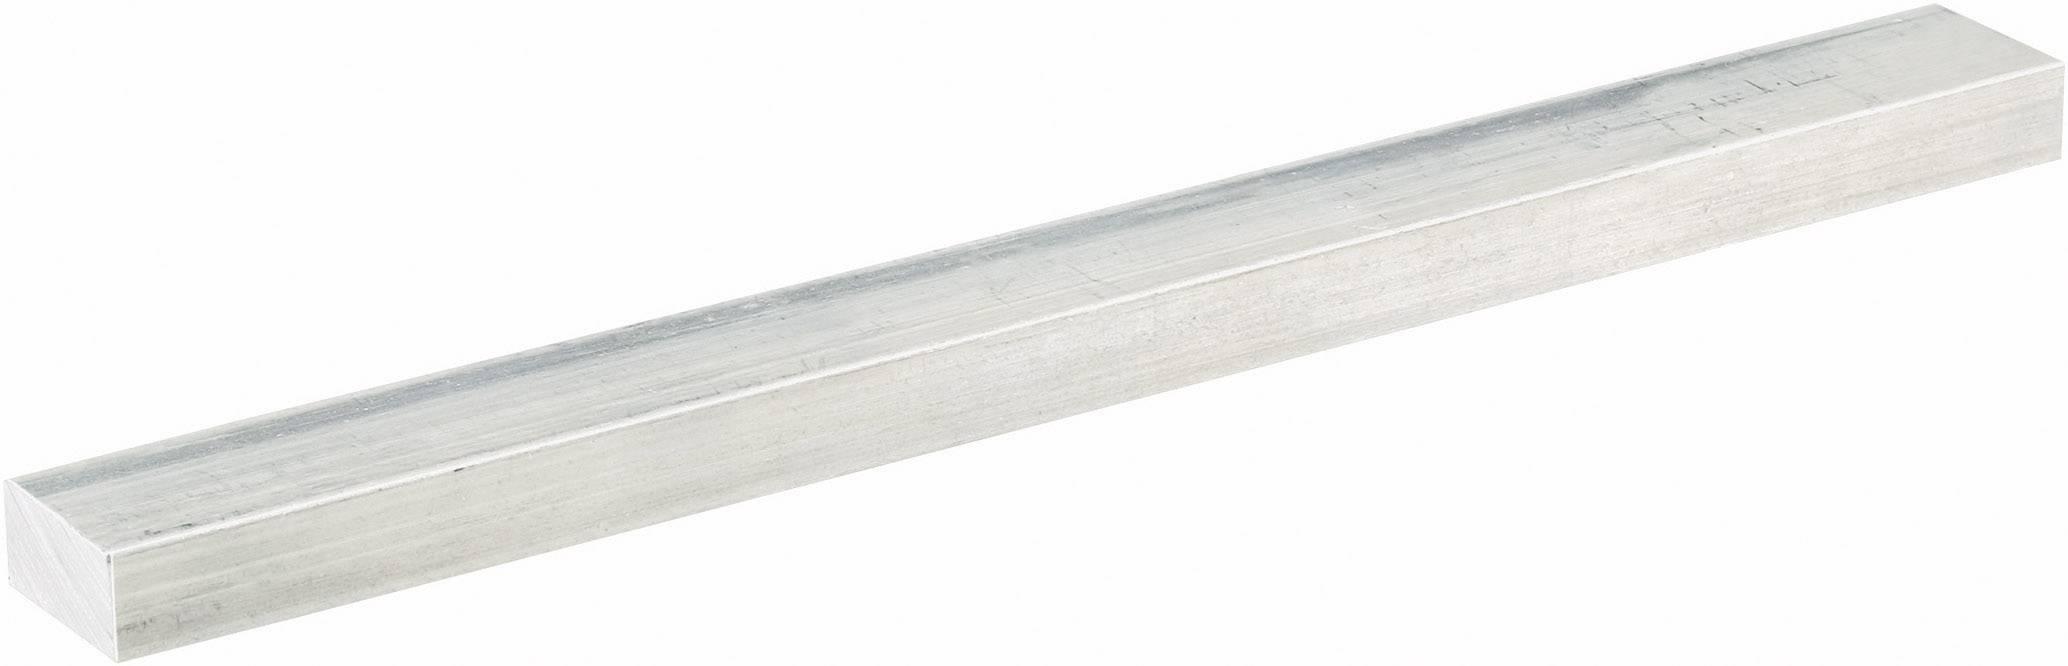 Plochý profil Reely 237286, (d x š x v) 200 x 40 x 10 mm, hliník